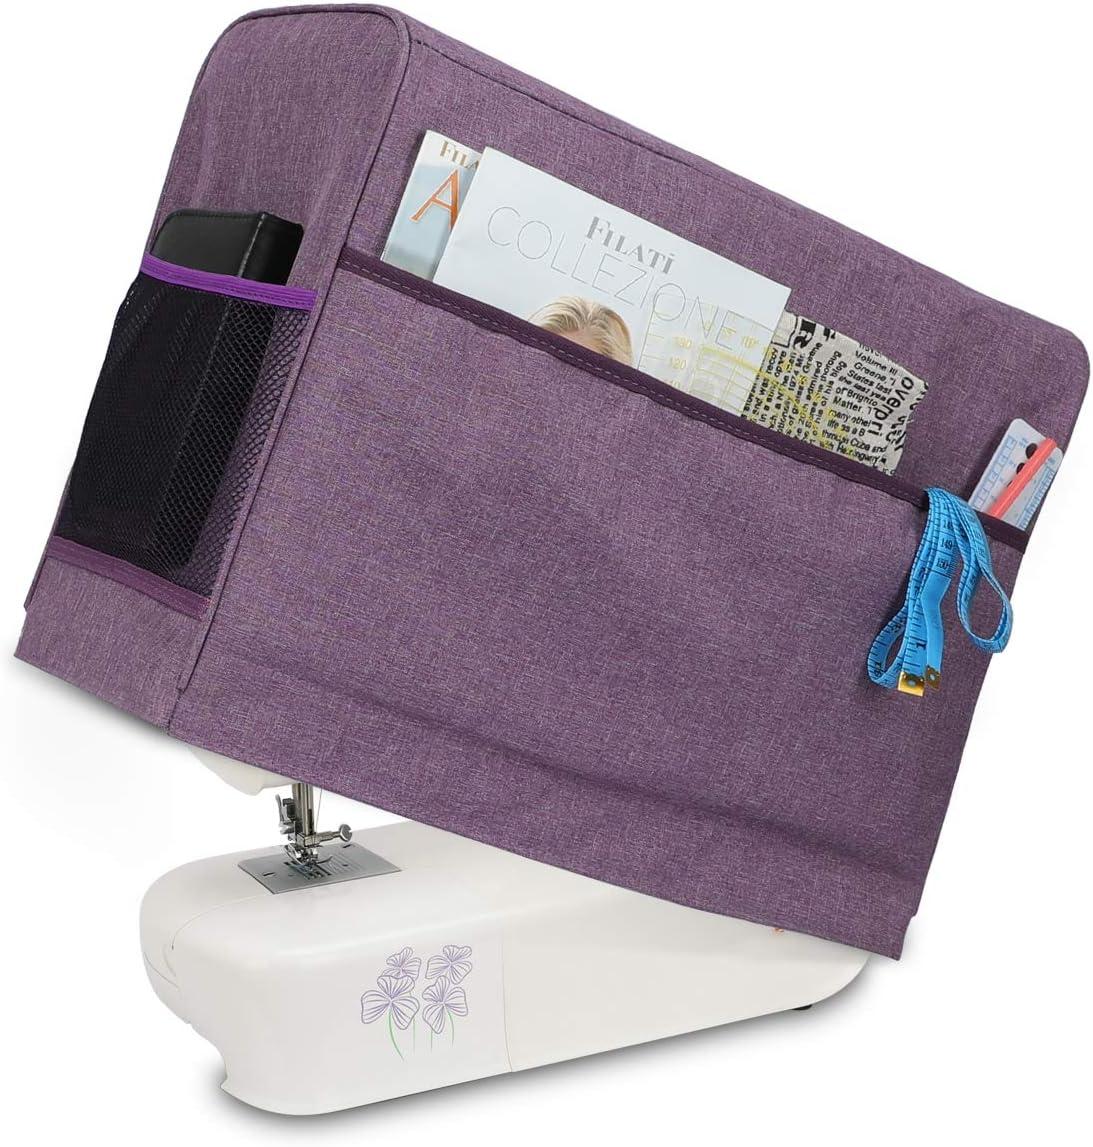 resistente a los bolsillos protectores Funda protectora para m/áquina de coser f/ácil de guardar TopHGC lavable impermeable resistente al polvo